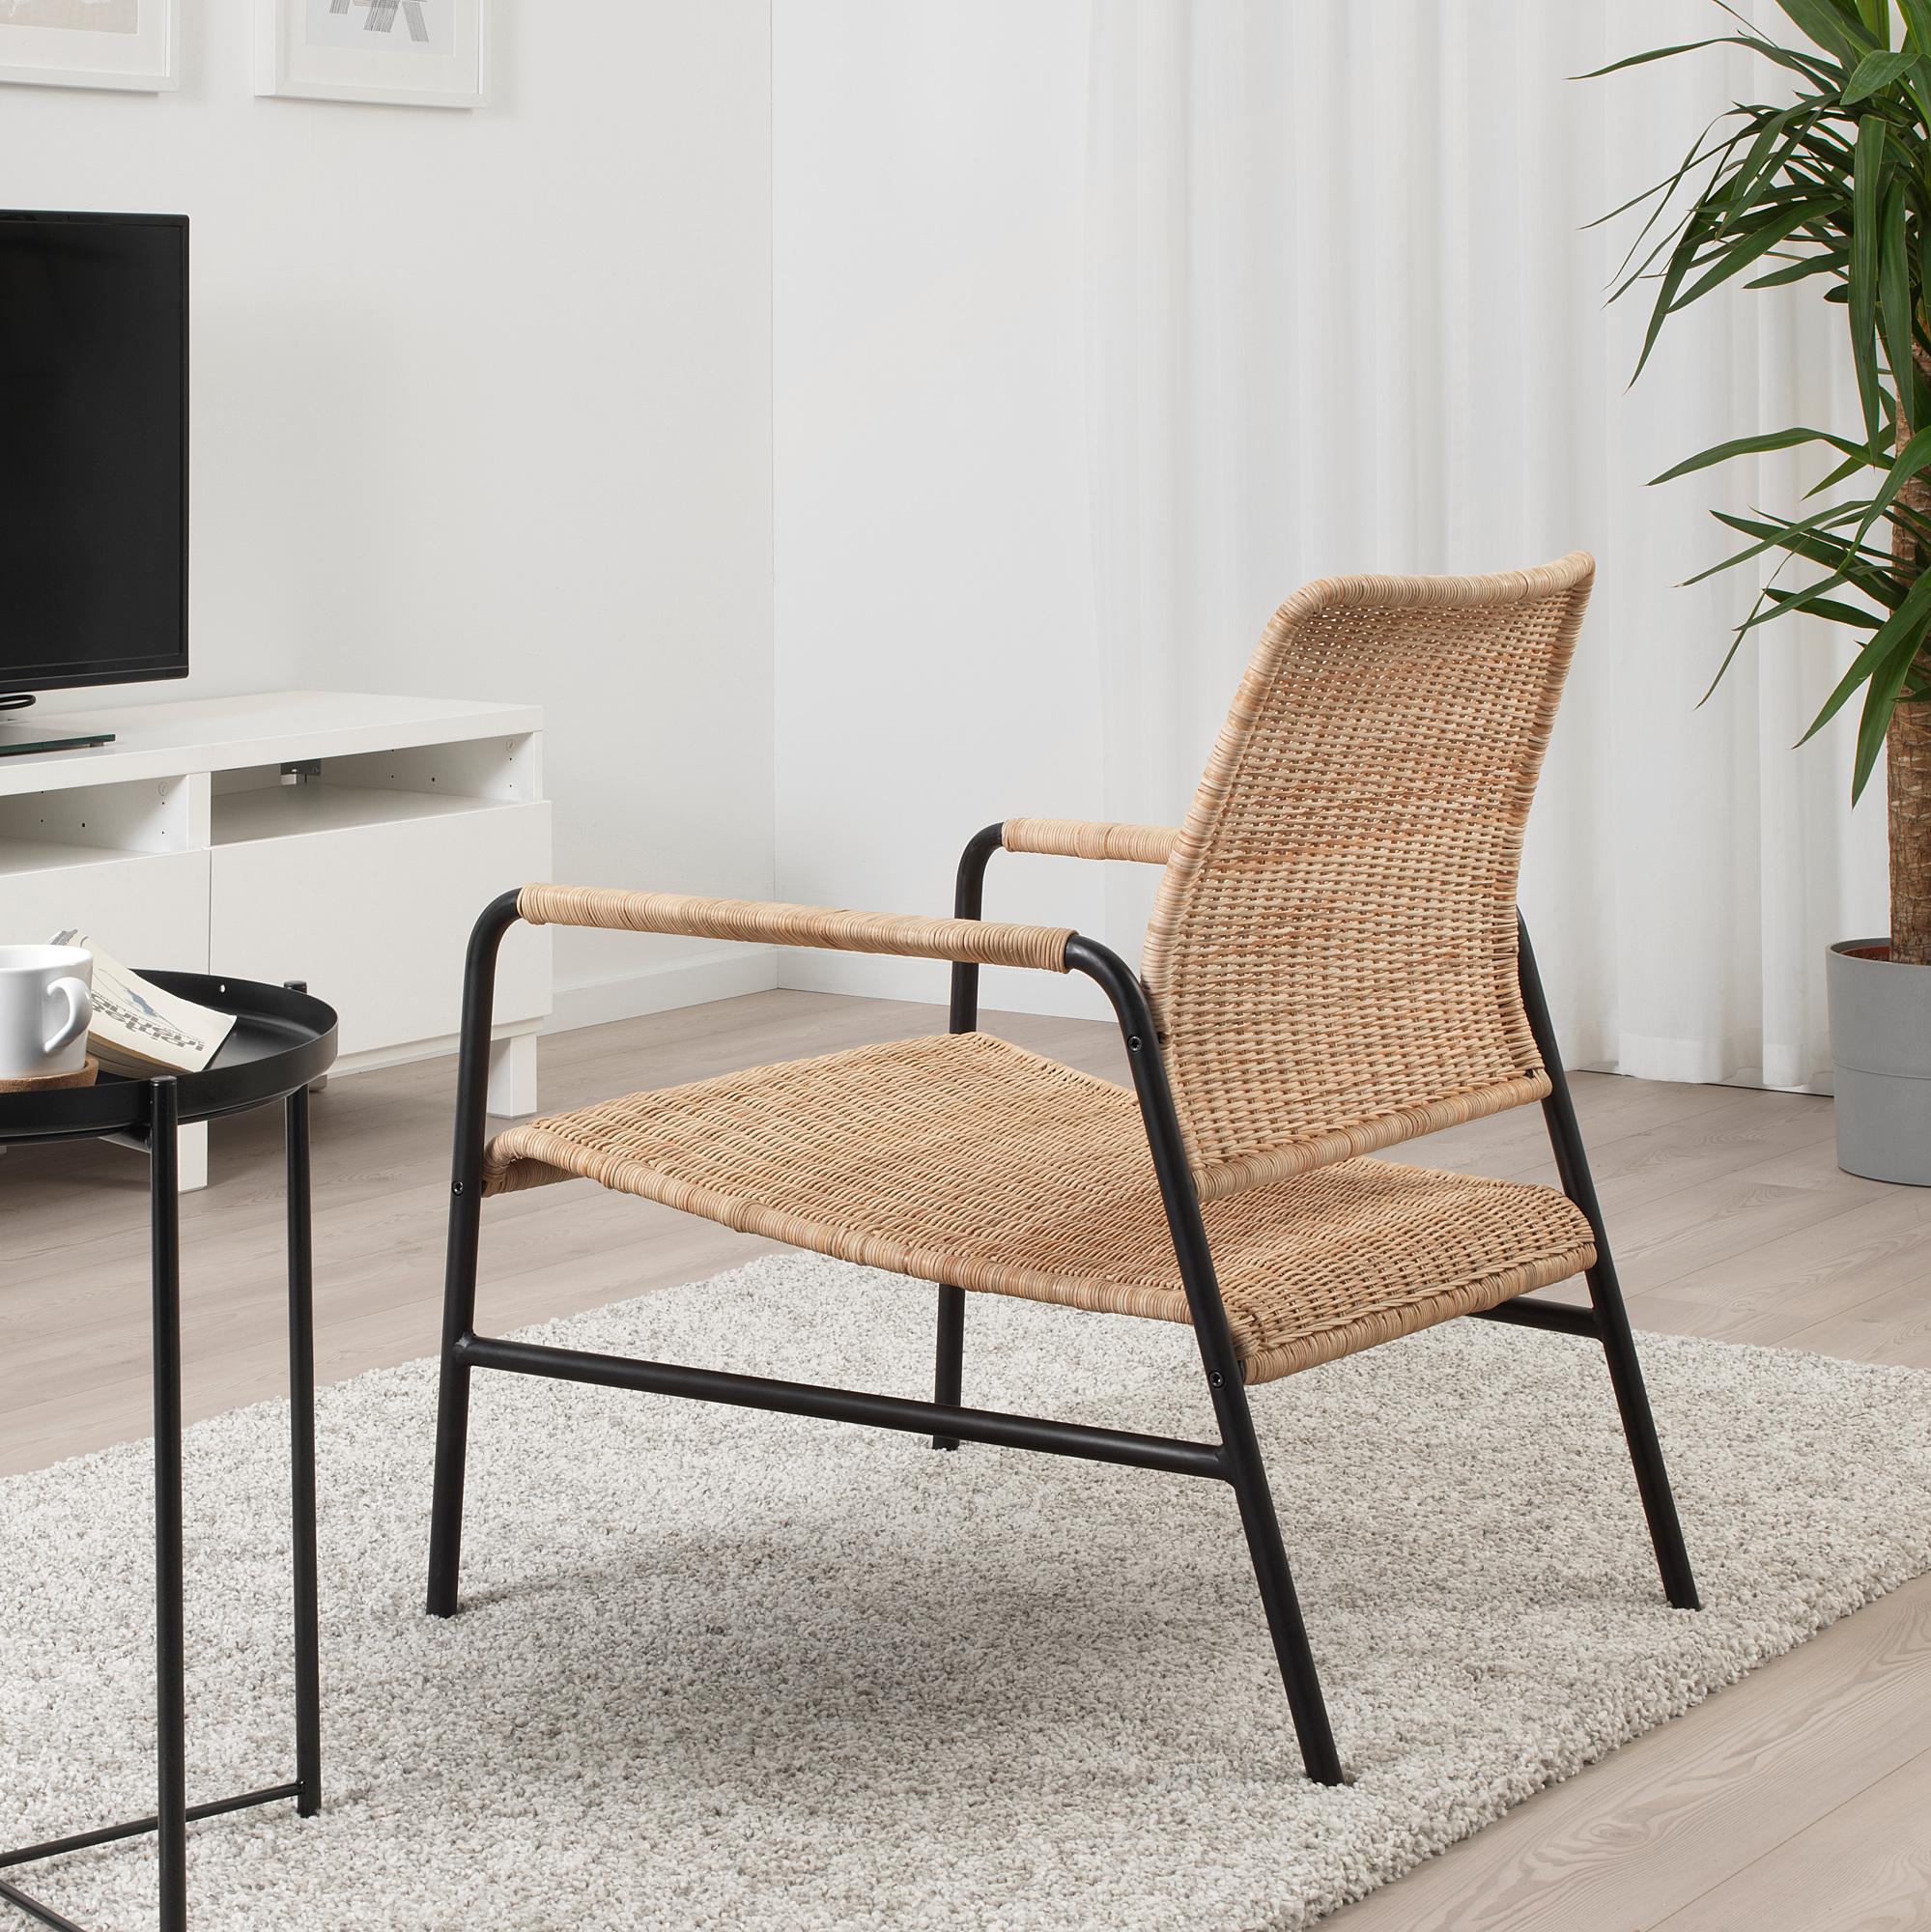 ULRIKSBERG armchair